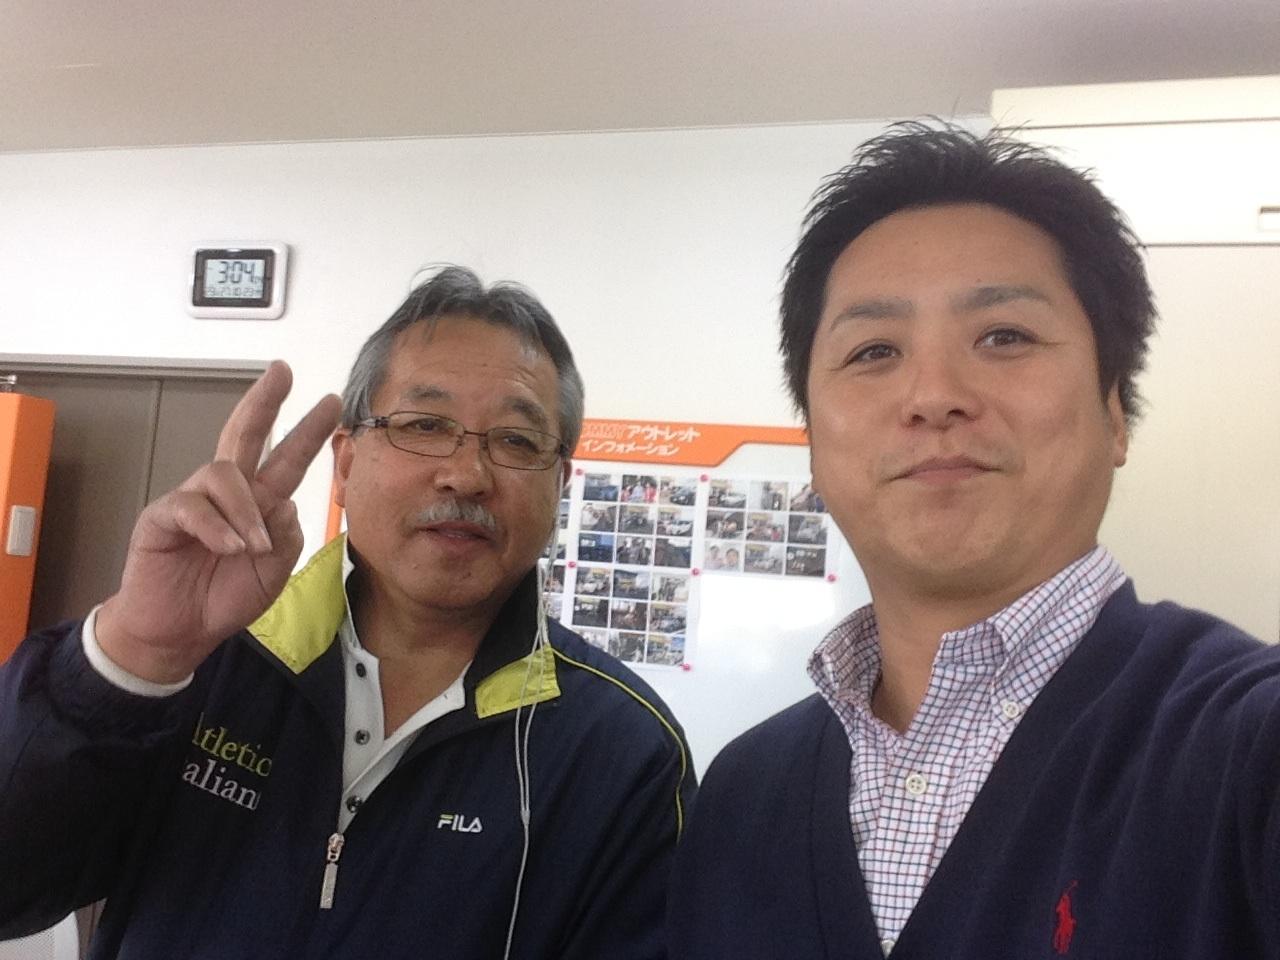 ノア・ヴォクシー・タント・ラパン・ライフ・軽自動車・店長クマブログ_b0127002_1824871.jpg